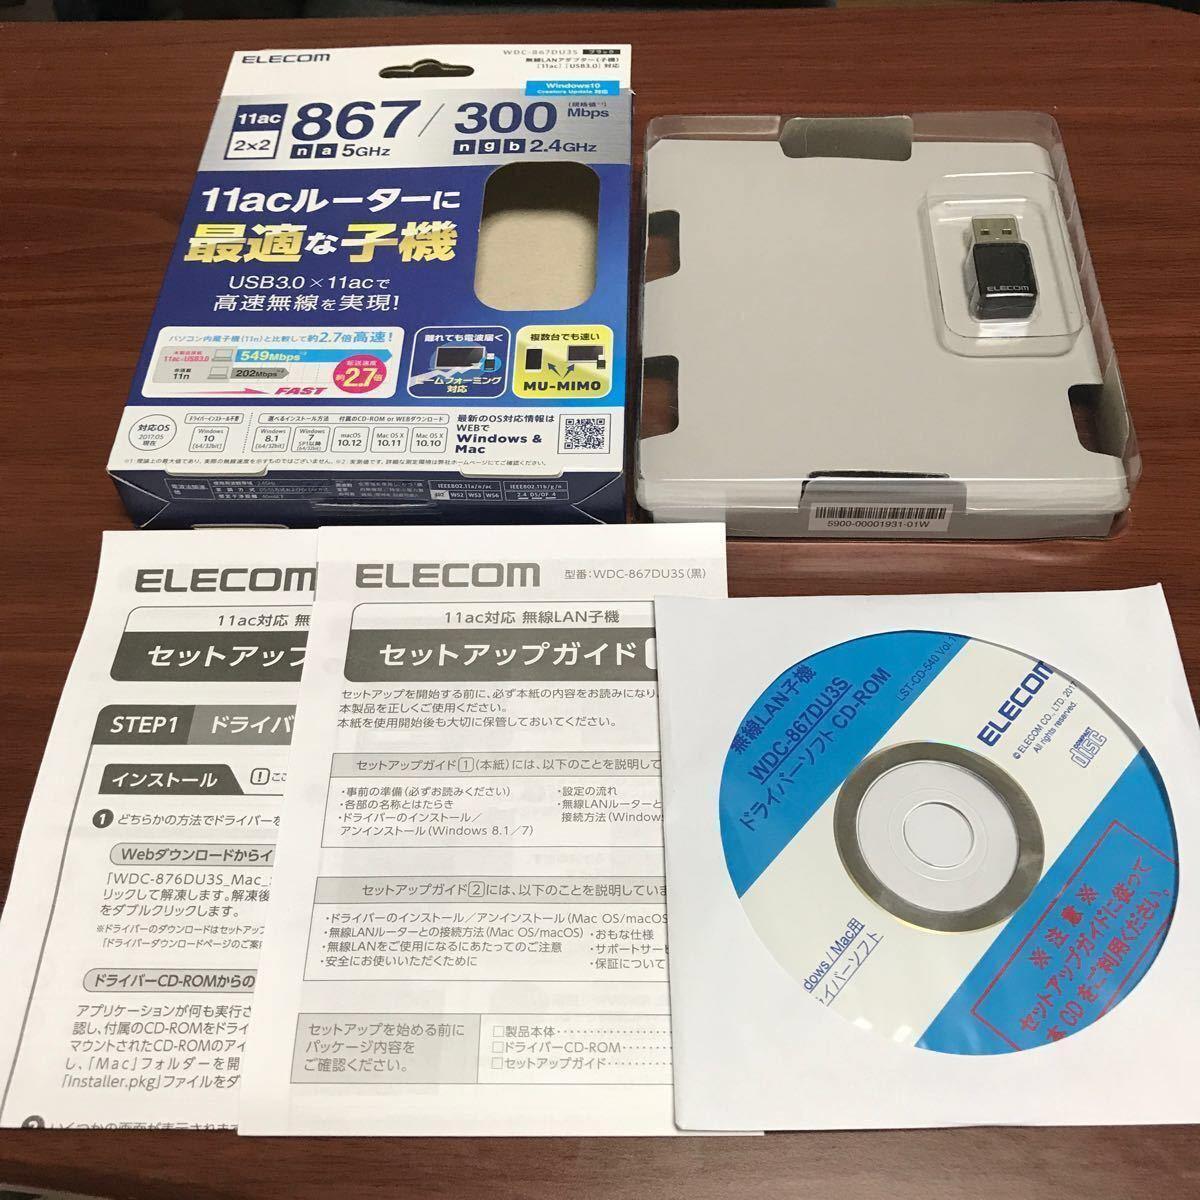 エレコム ELECOM 無線LAN子機 11ac 867Mbps USB3.0用 ブラック MU-MIMO対応WDC867DU3S